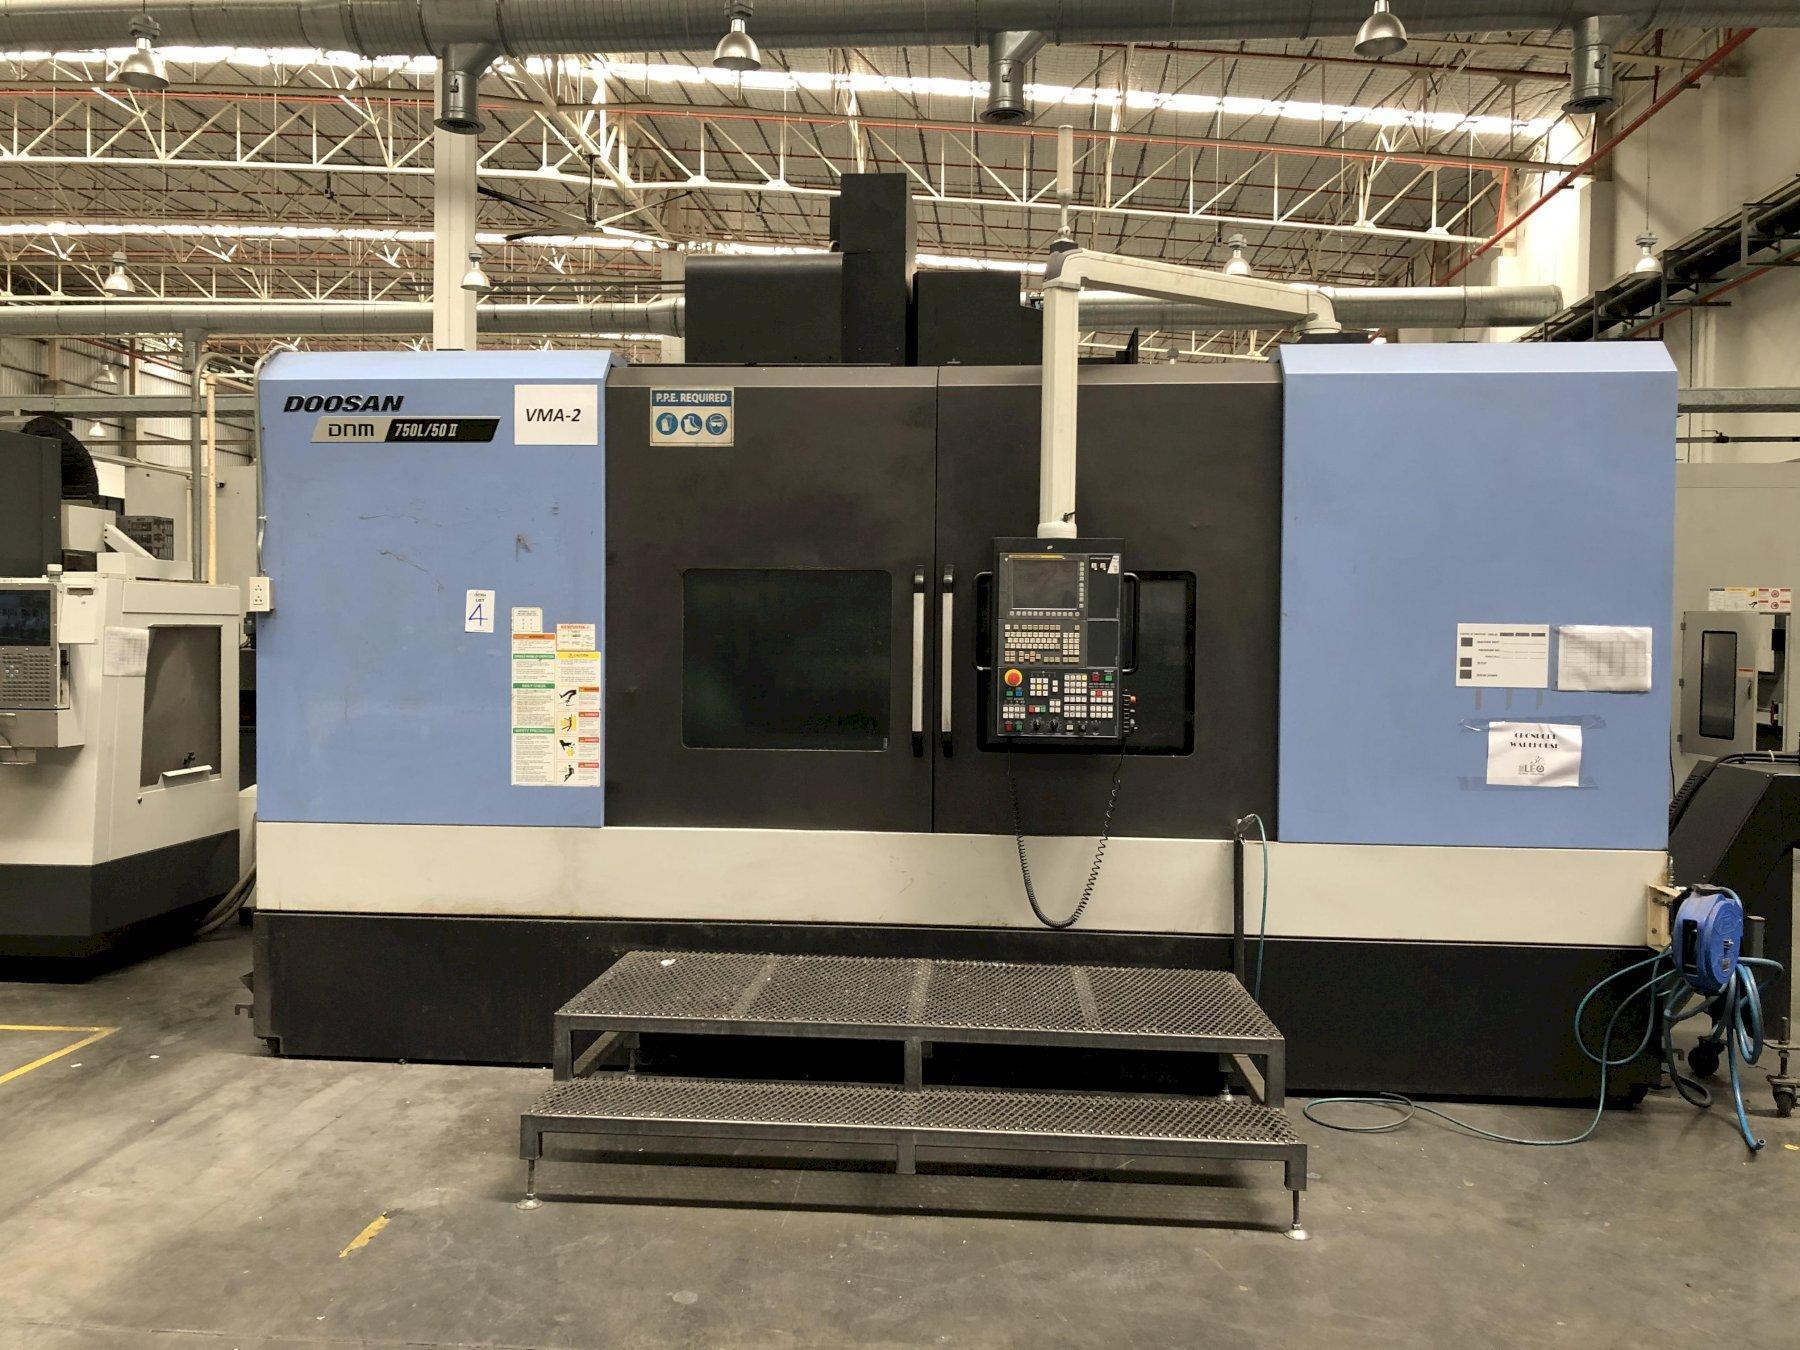 Doosan DNM750L/50II CNC Vertical Machining Center, Fanuc i, 85